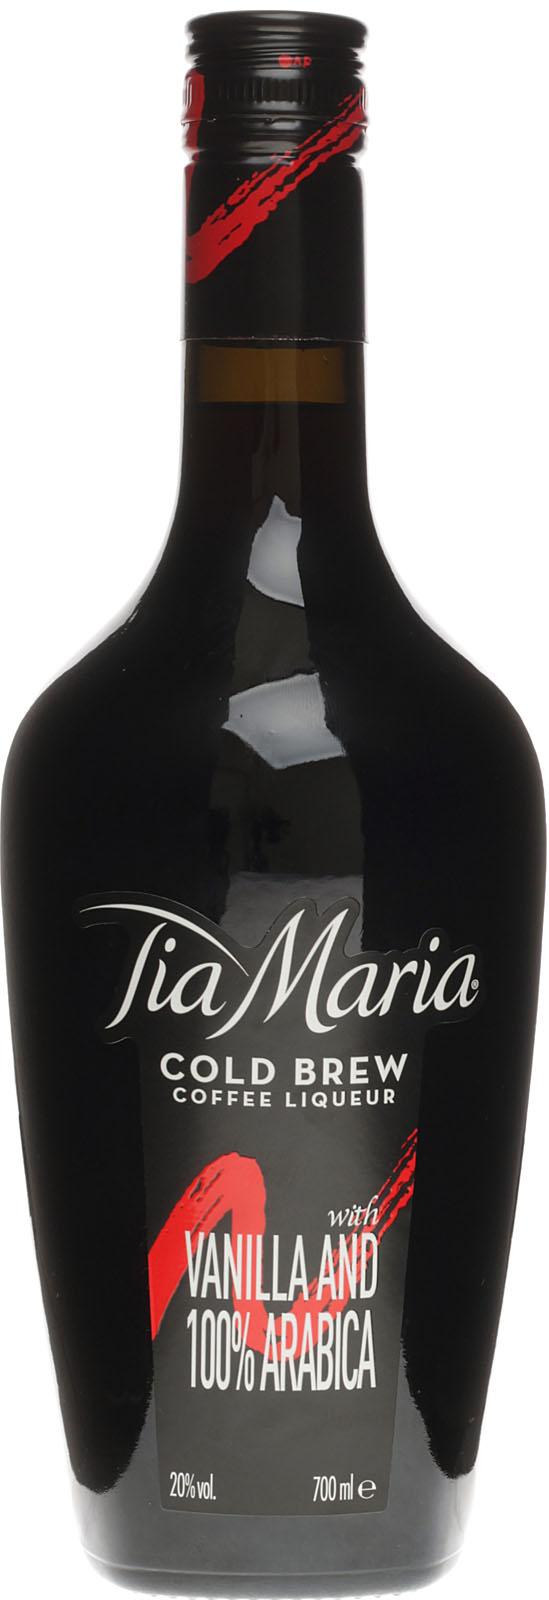 Tia Maria Likör